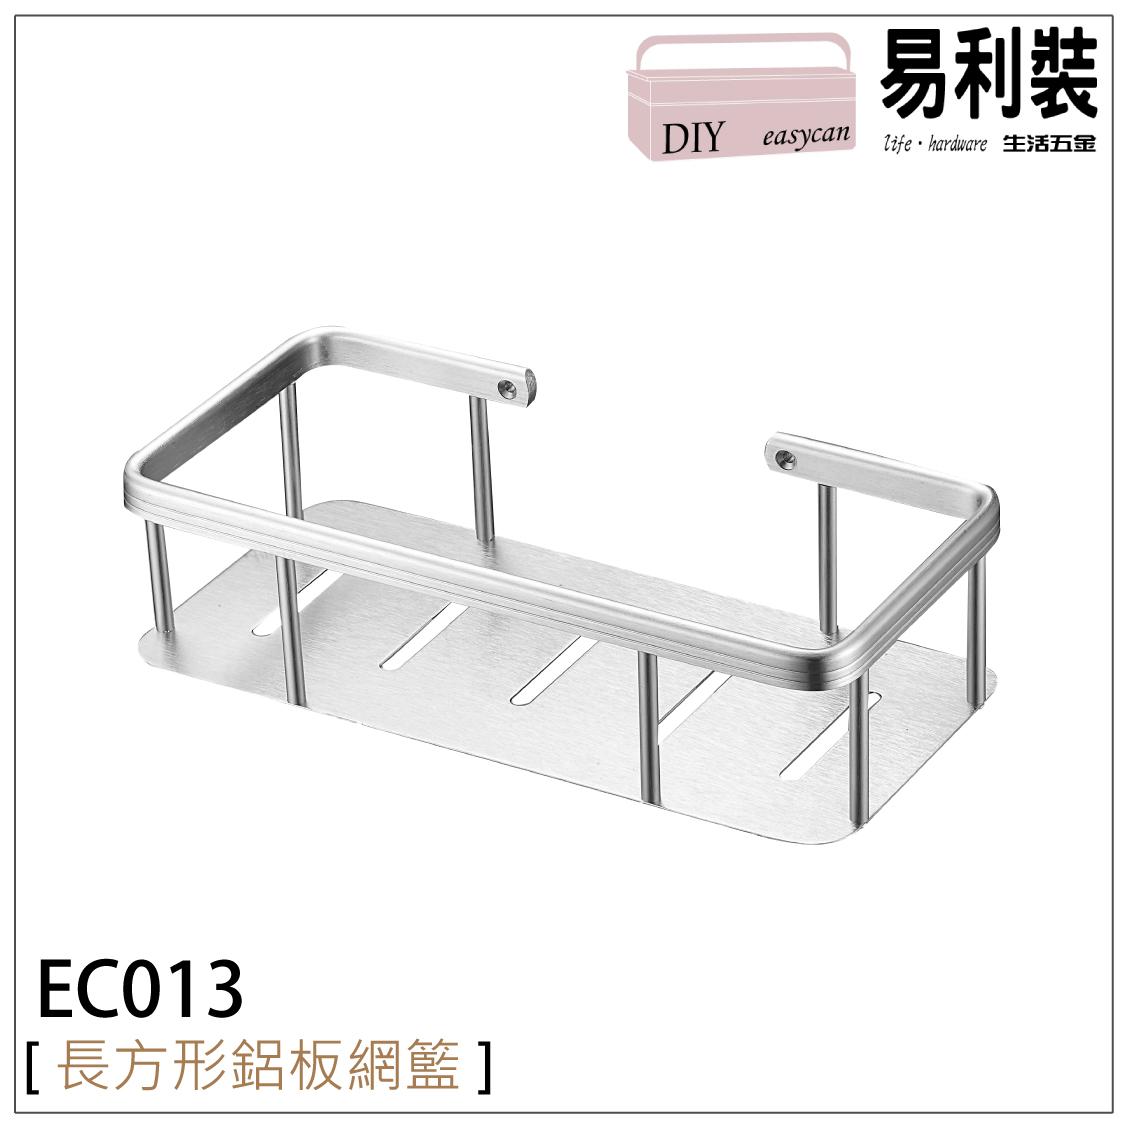 【 EASYCAN  】EC013 長方形鋁板網籃 易利裝生活五金 鋁合金 置物架 收納架 廚房 餐廳 房間 浴室 小資族